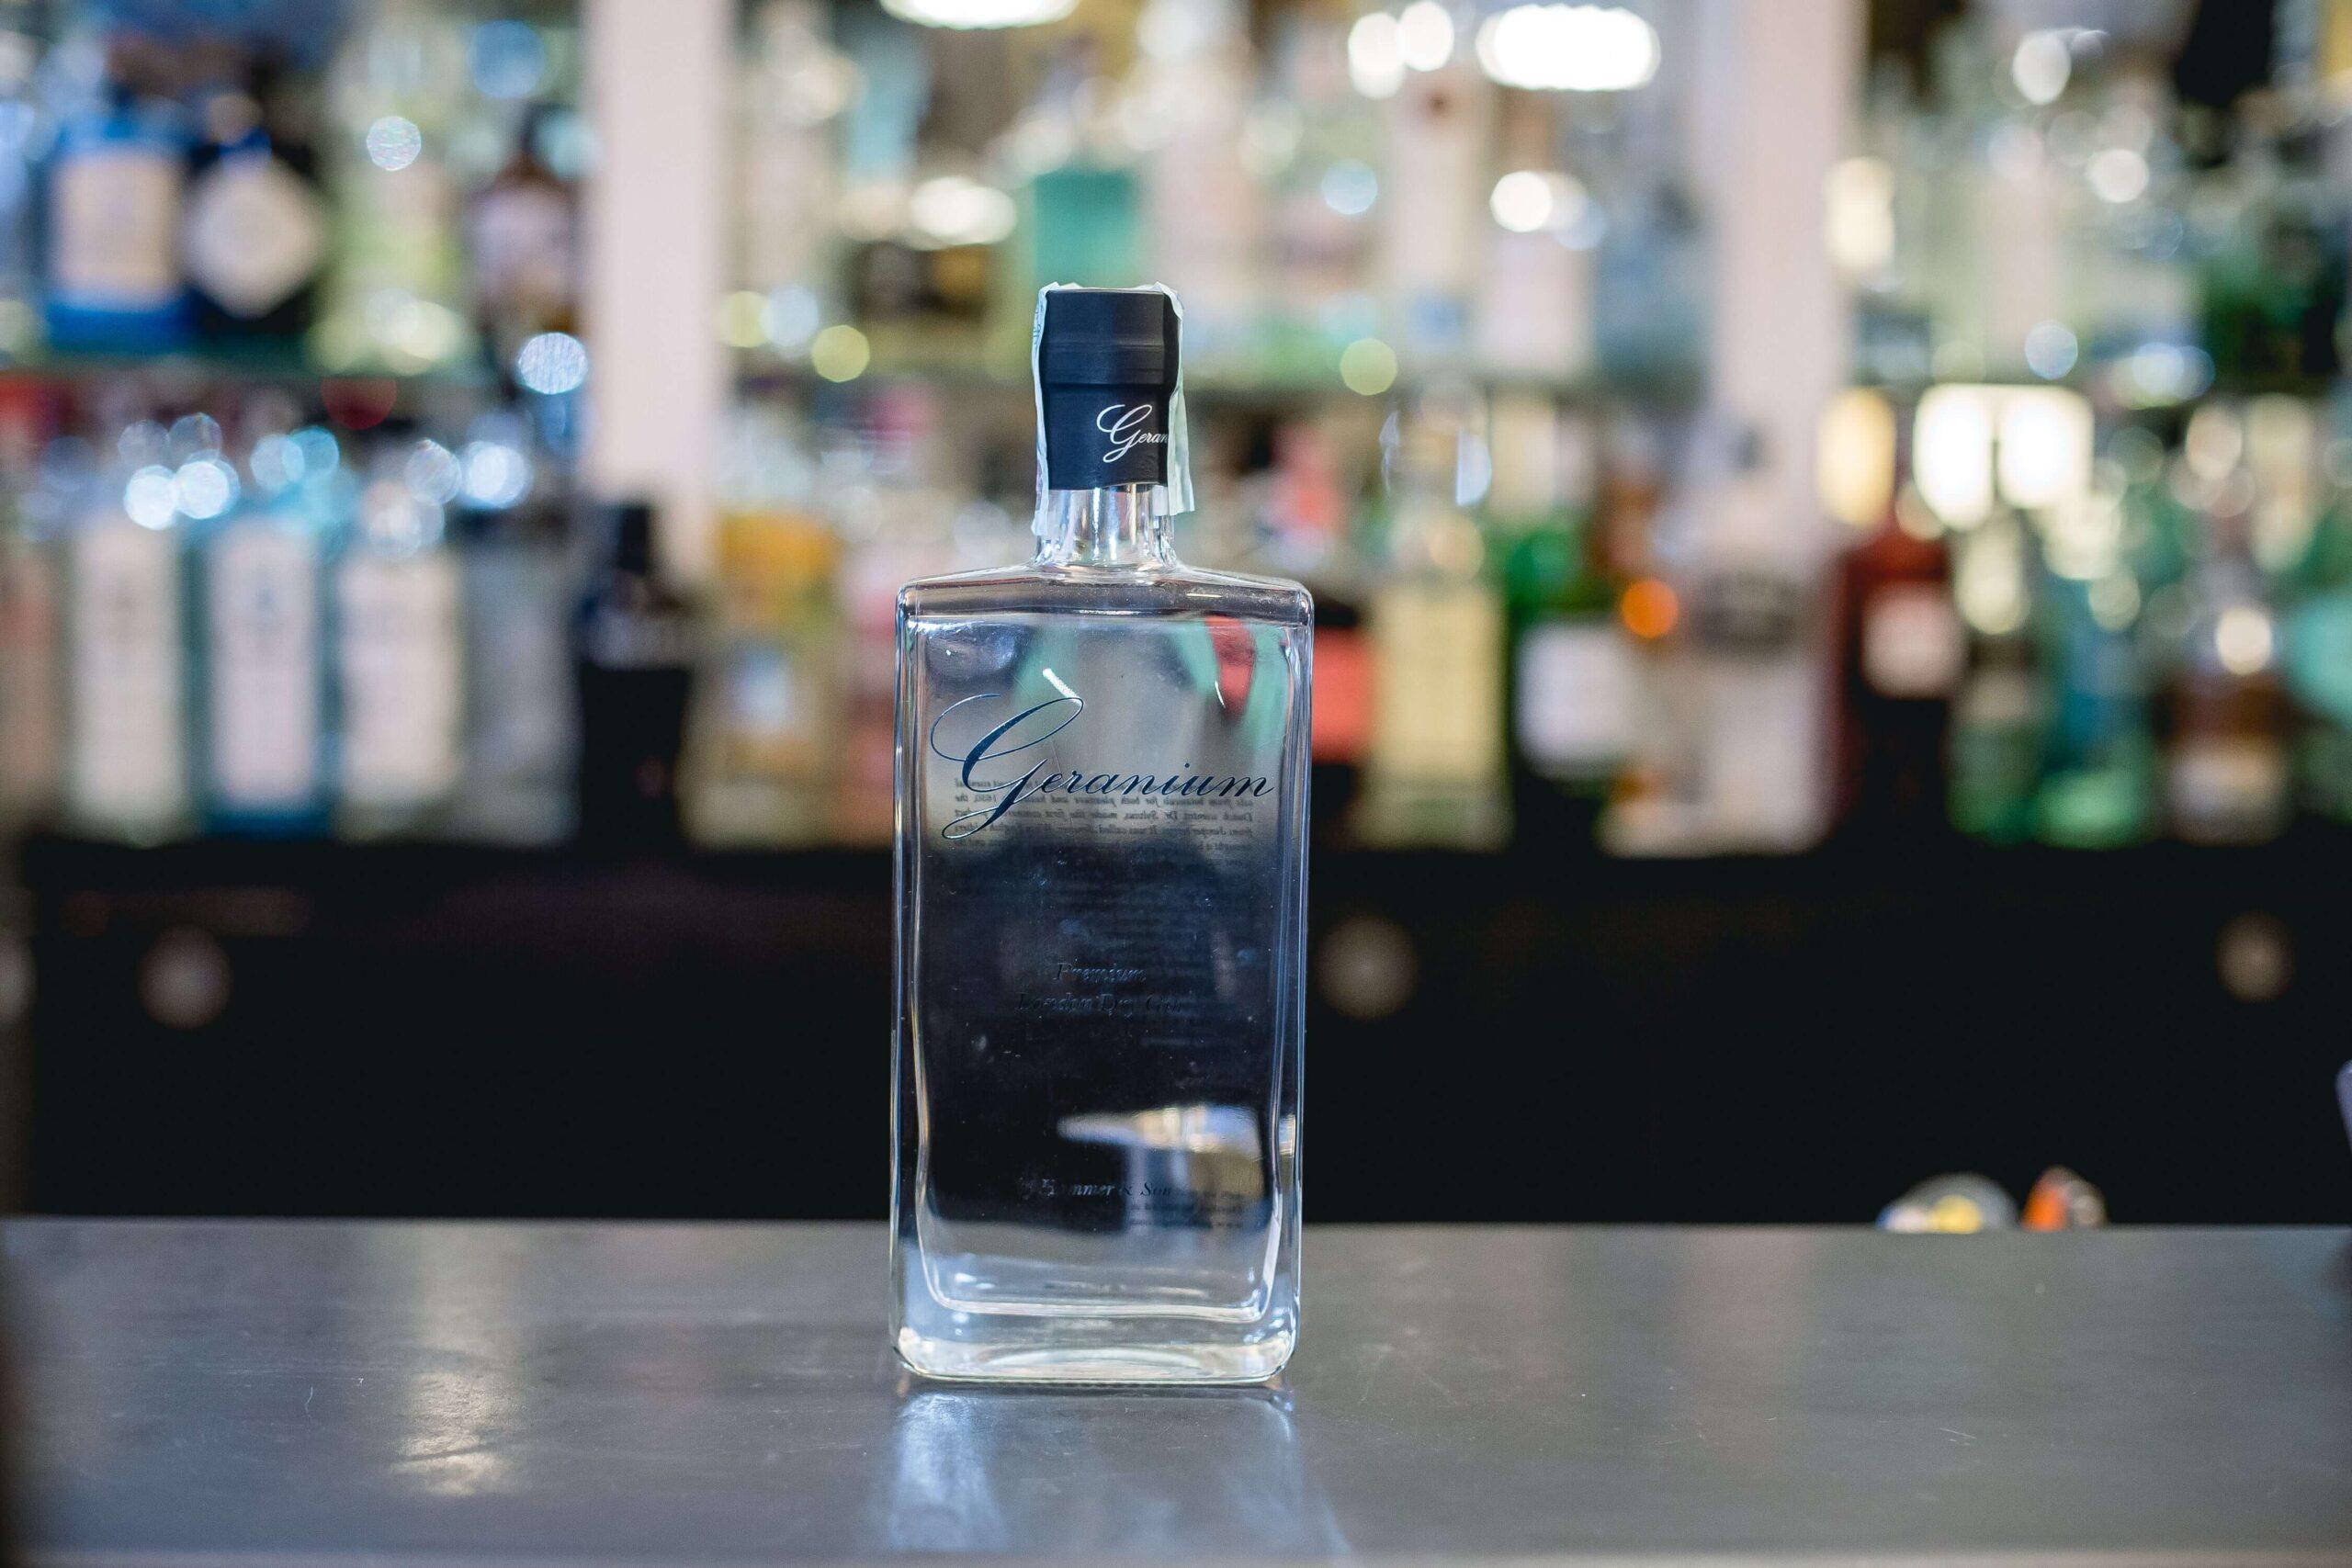 geranium 44 gin